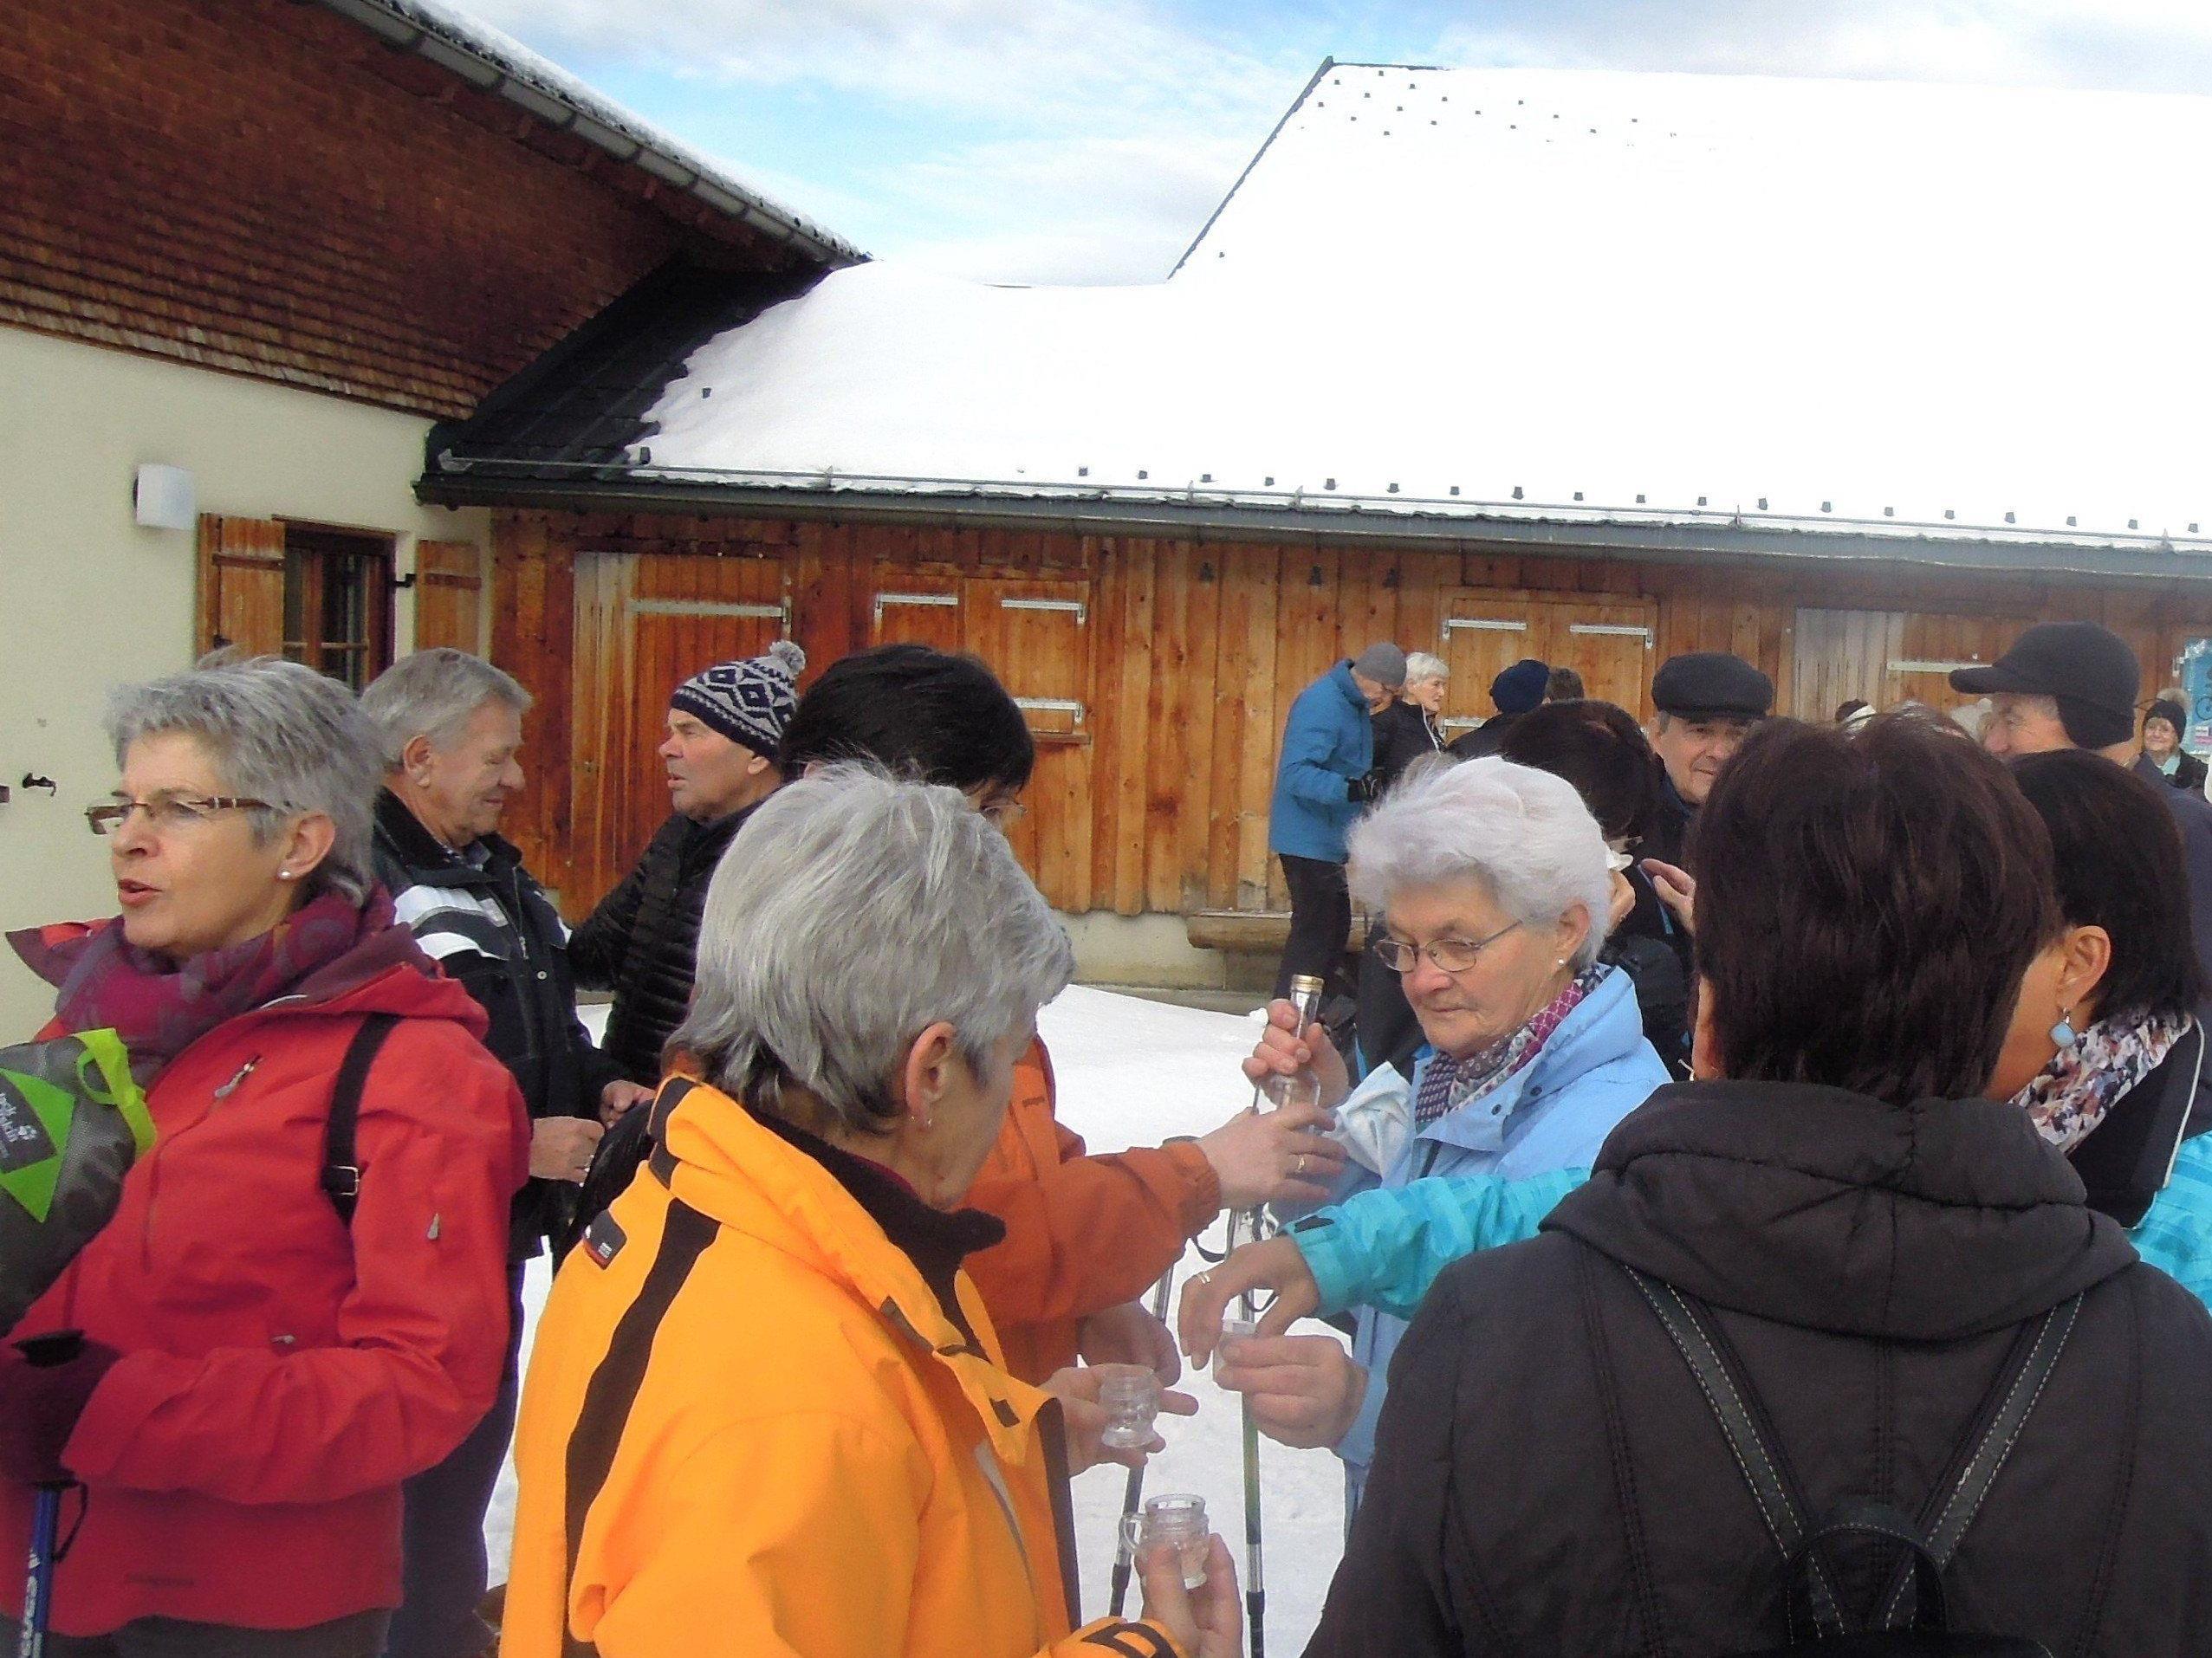 Zum Jahresabschluss 2014 lud der Seniorenbund am 30. Dezember 2014 zur alljährlich stattfindenden Winterwanderung ein.